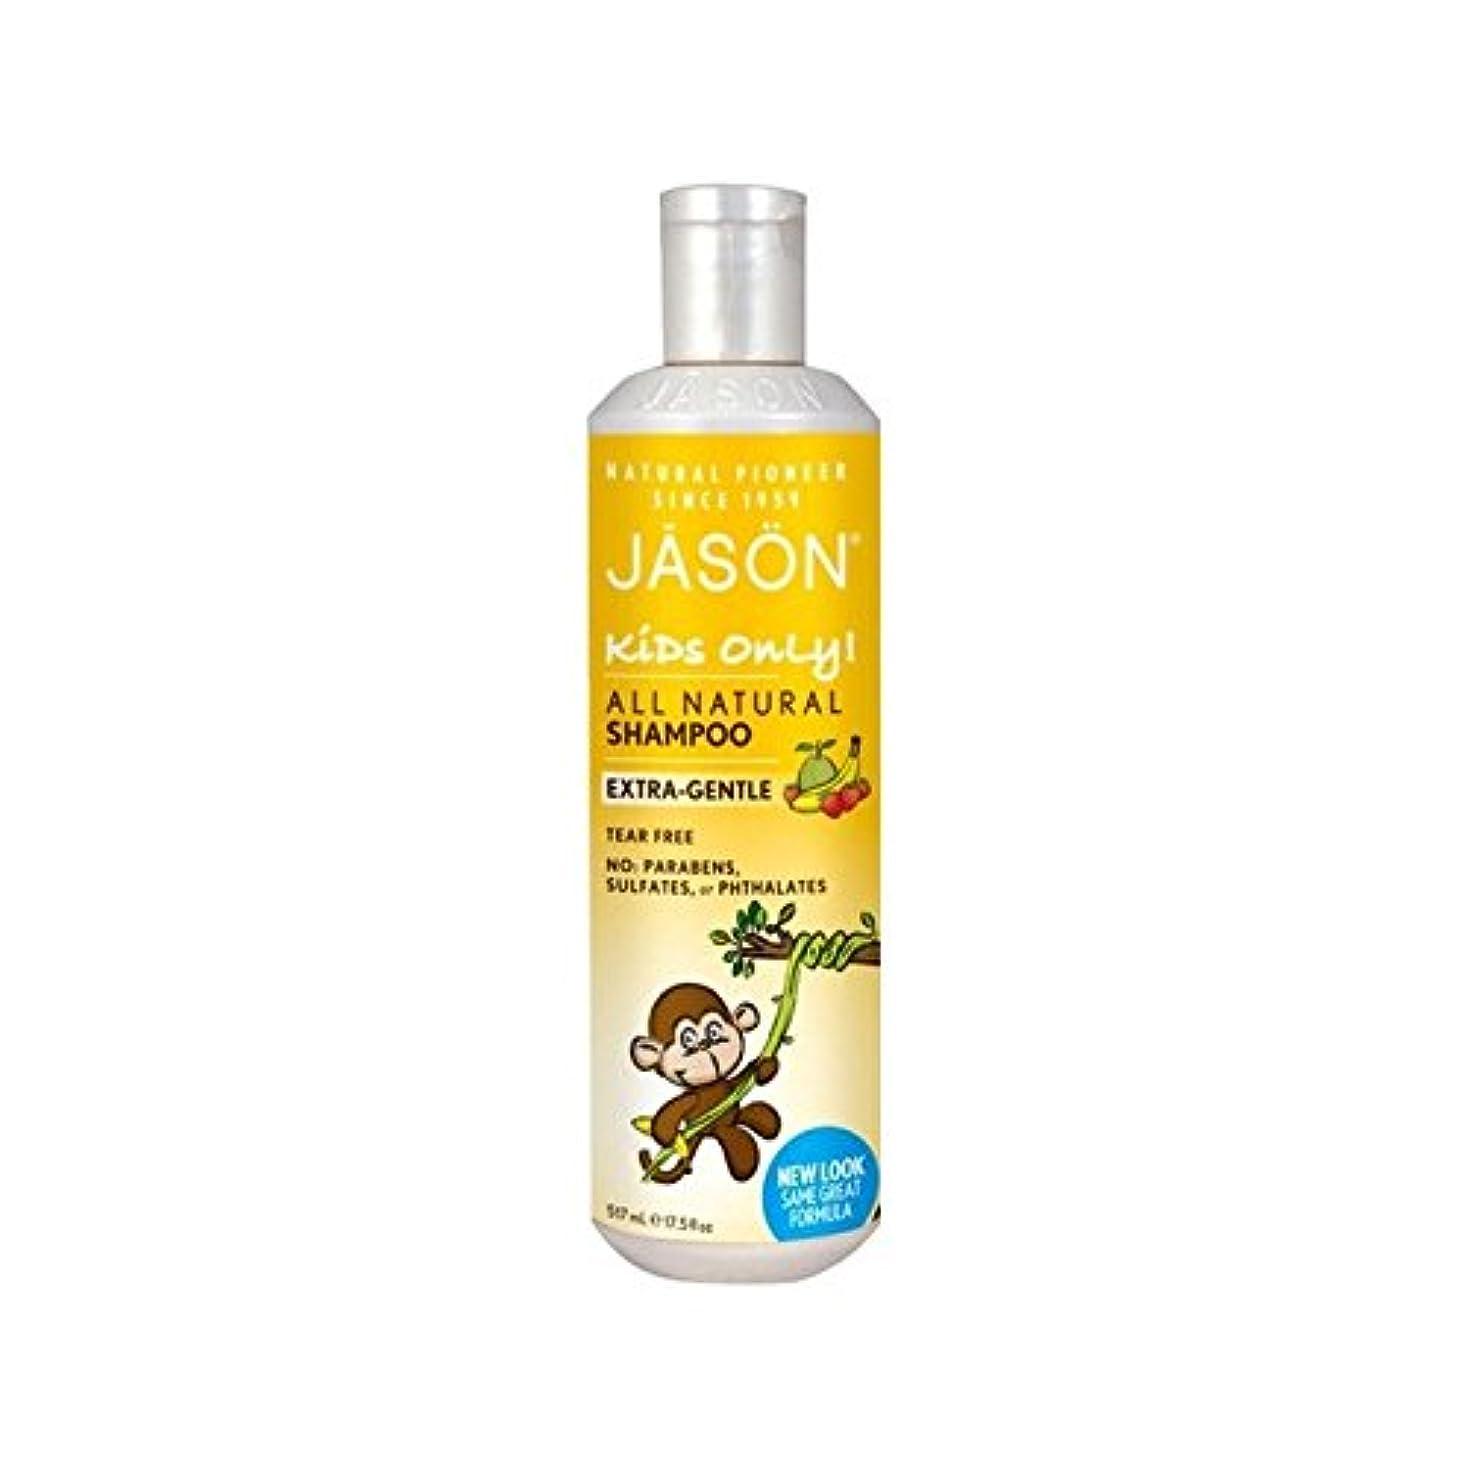 救出グローブサイクルJason Kids Only! Extra Gentle Shampoo (517ml) (Pack of 6) - ジェイソンの子供だけ!余分な優しいシャンプー(517ミリリットル) x6 [並行輸入品]